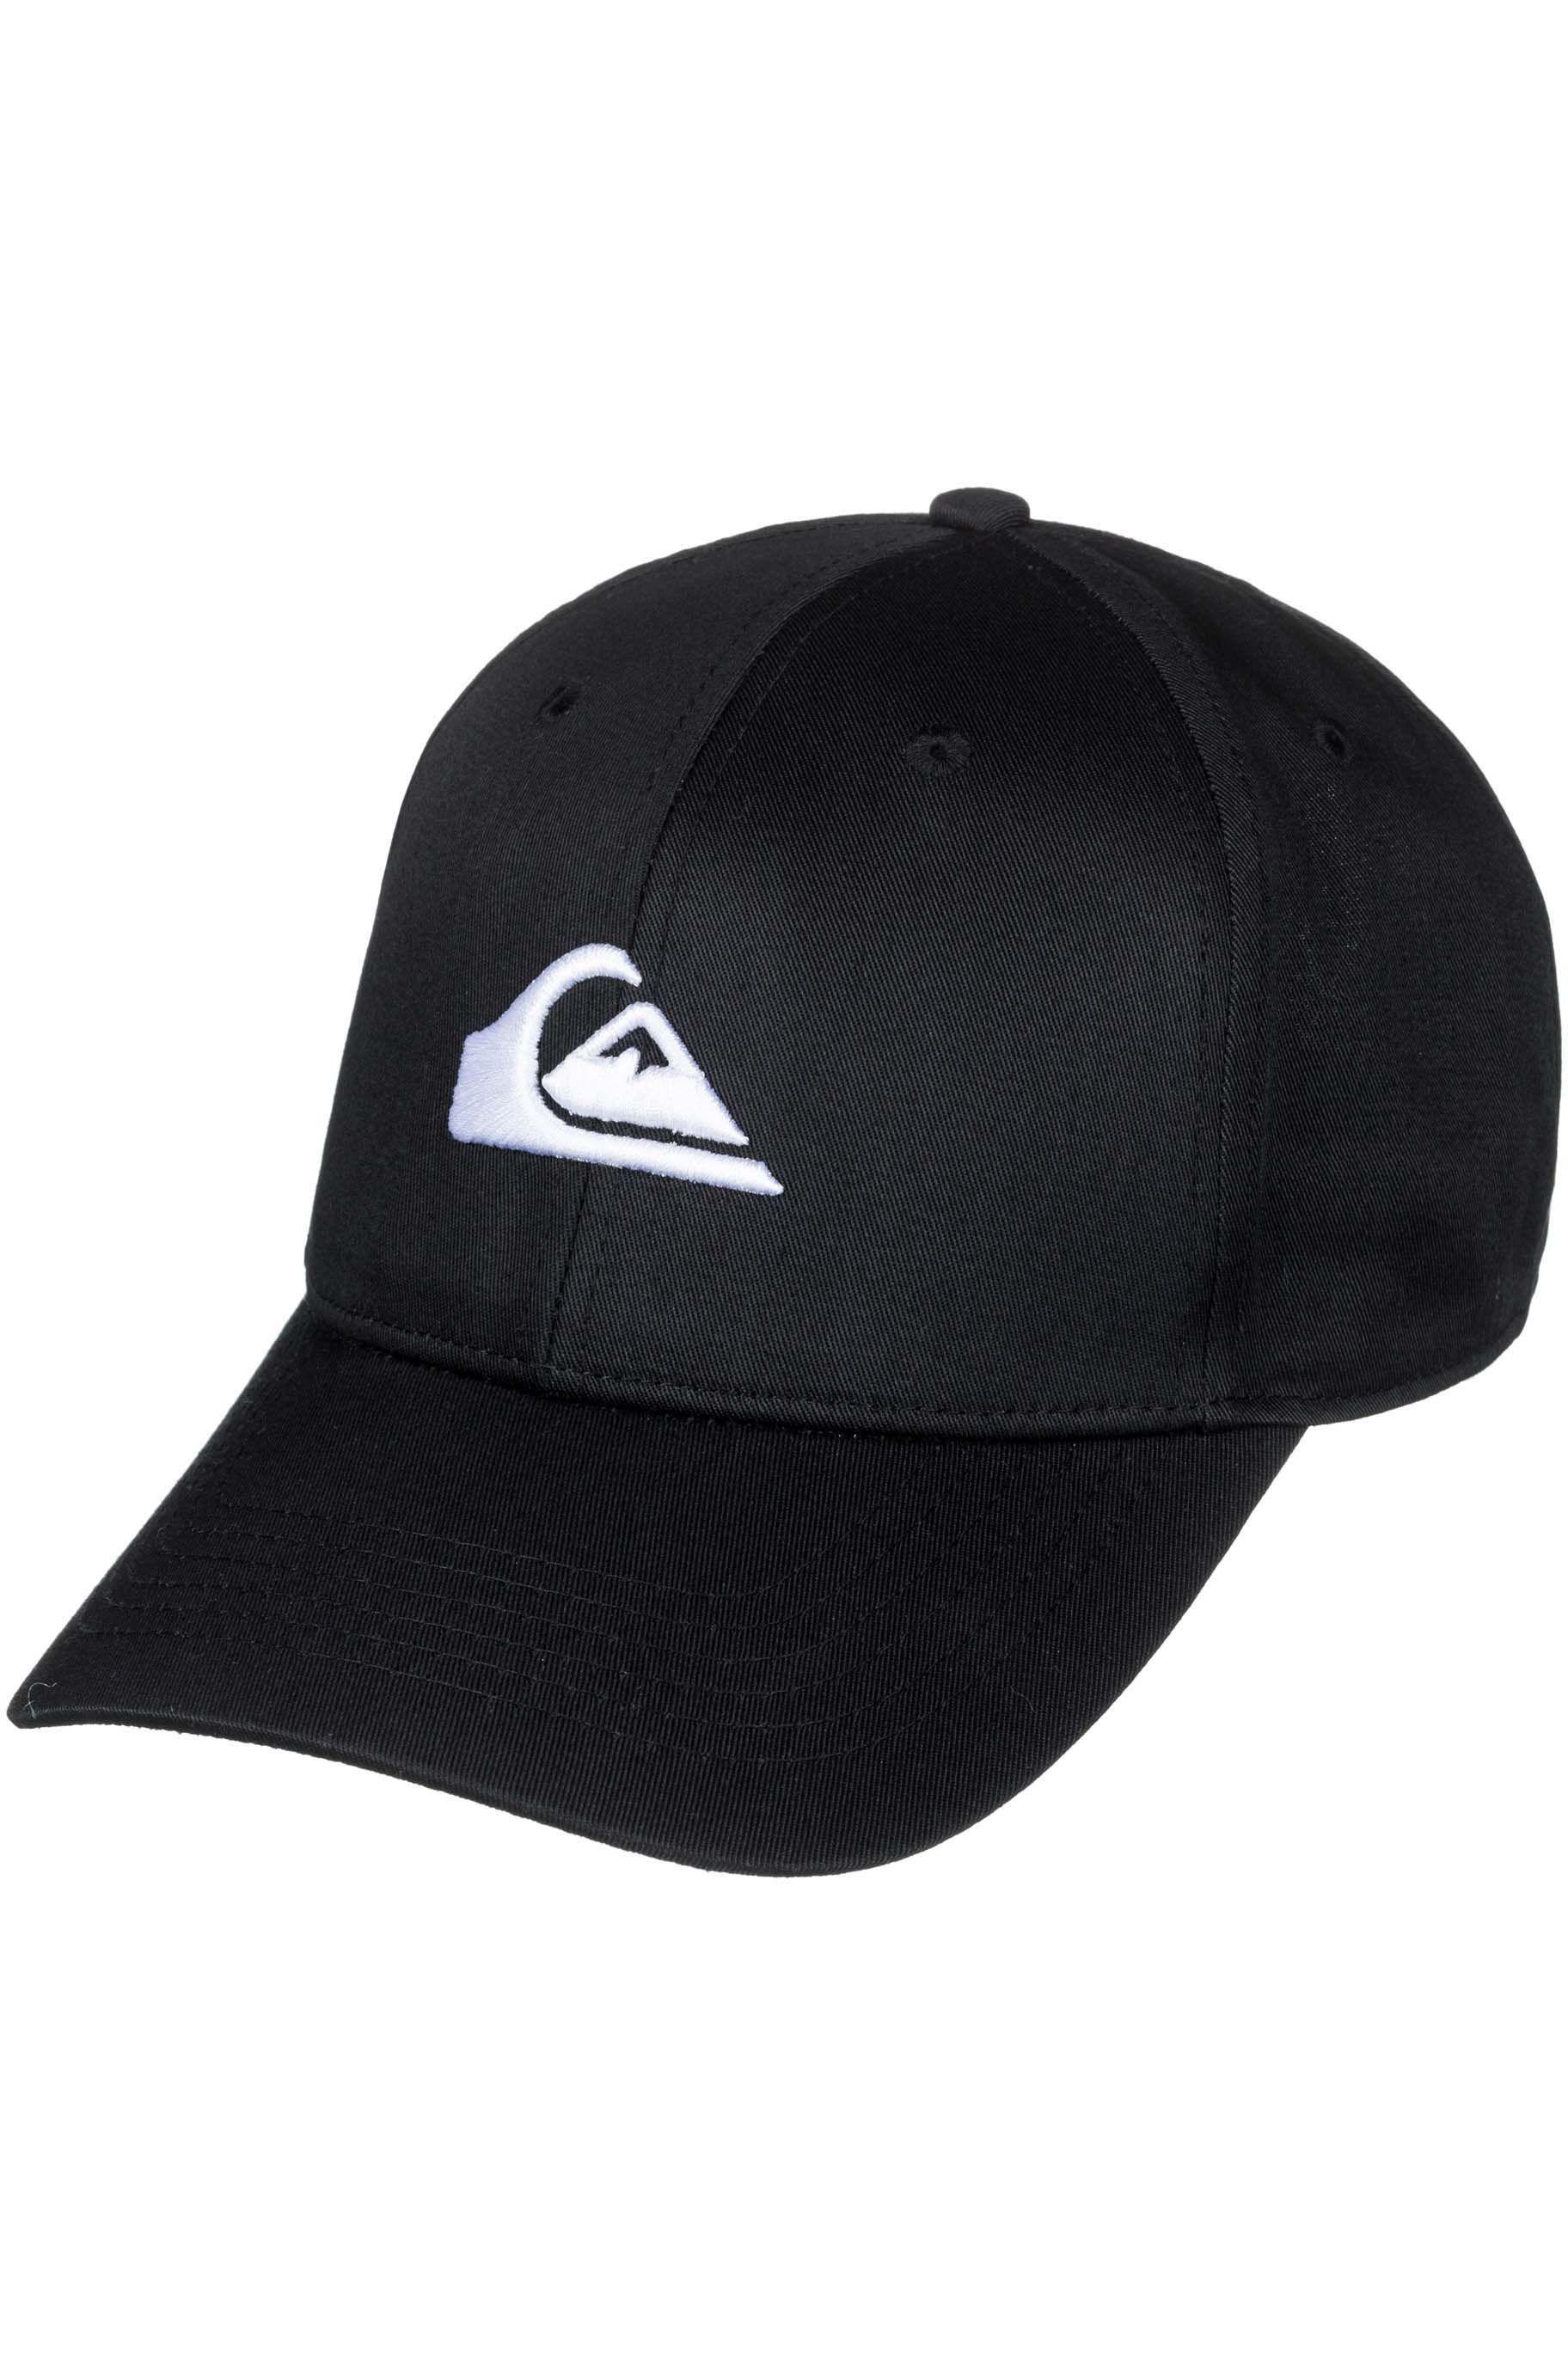 Quiksilver Cap   DECADES Black